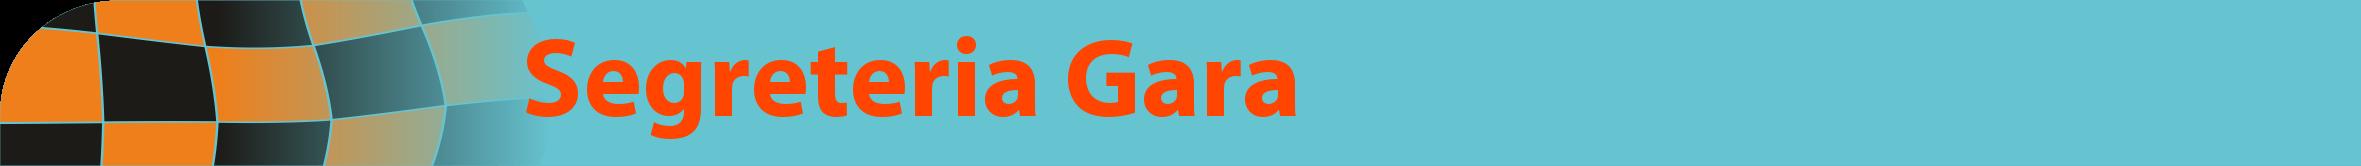 SEGRETERIA DI  GARA